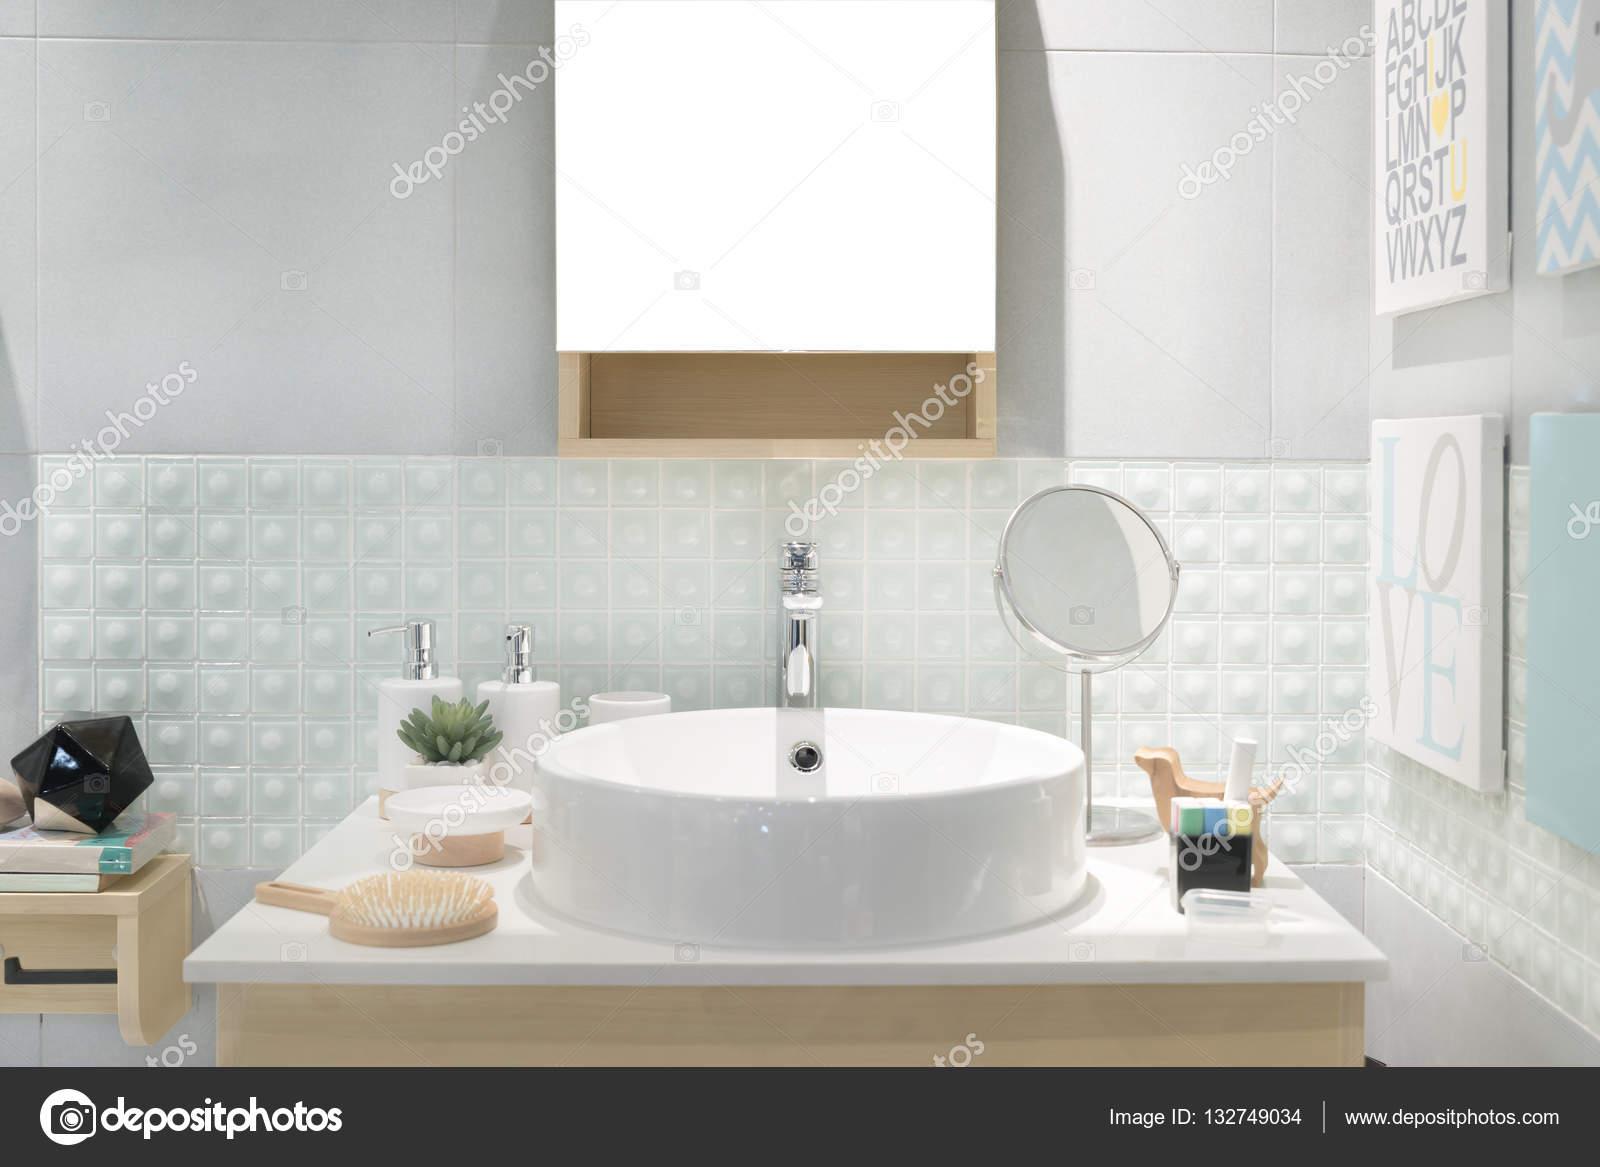 Interieur van de badkamer met wastafel bekken kraan en spiegel